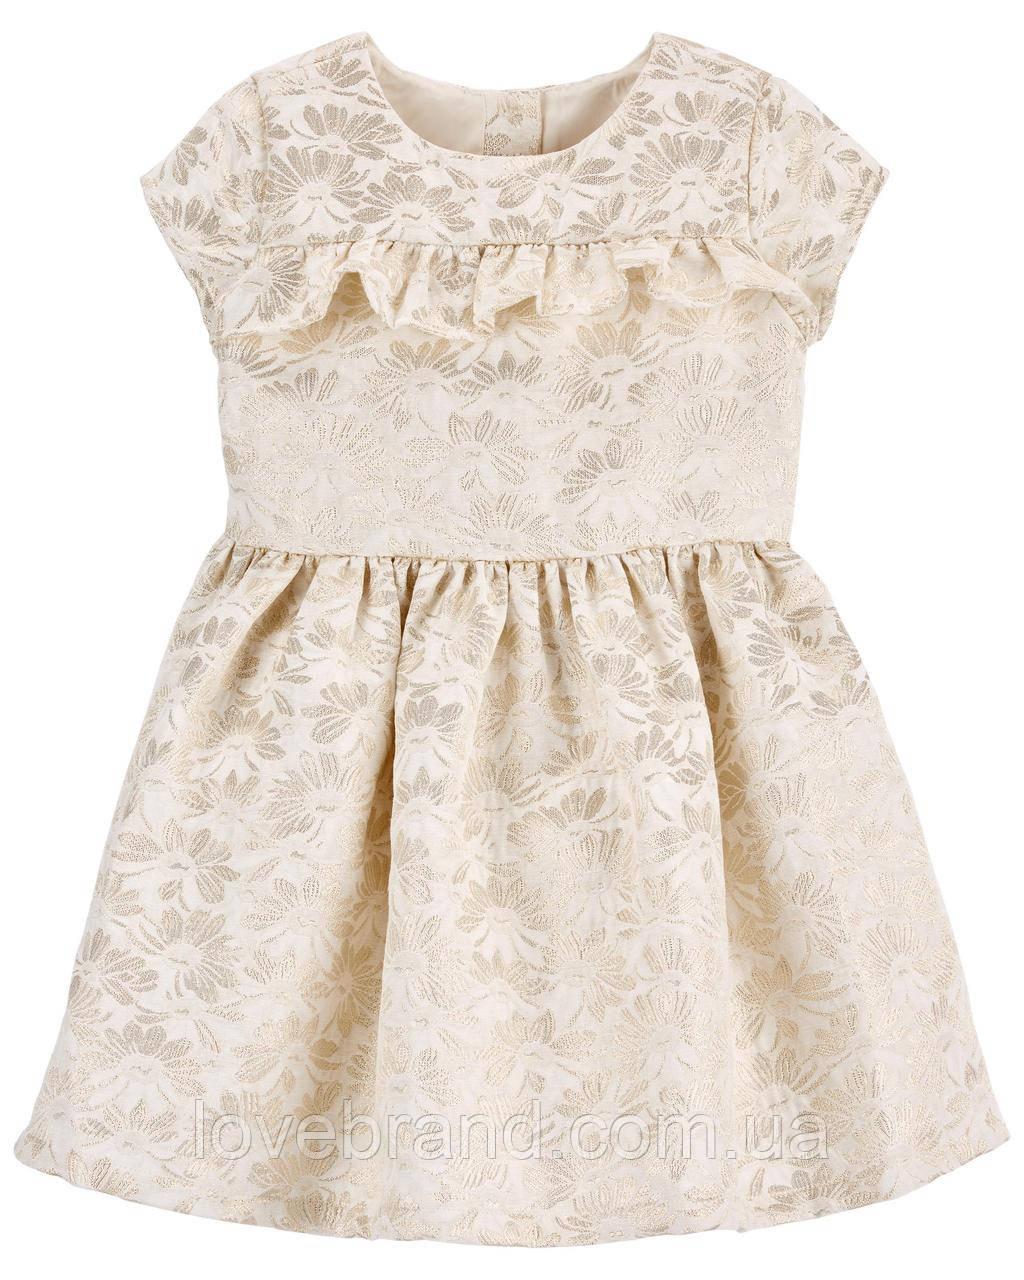 Нарядное детское платье для девочки Carter's жаккард, золото